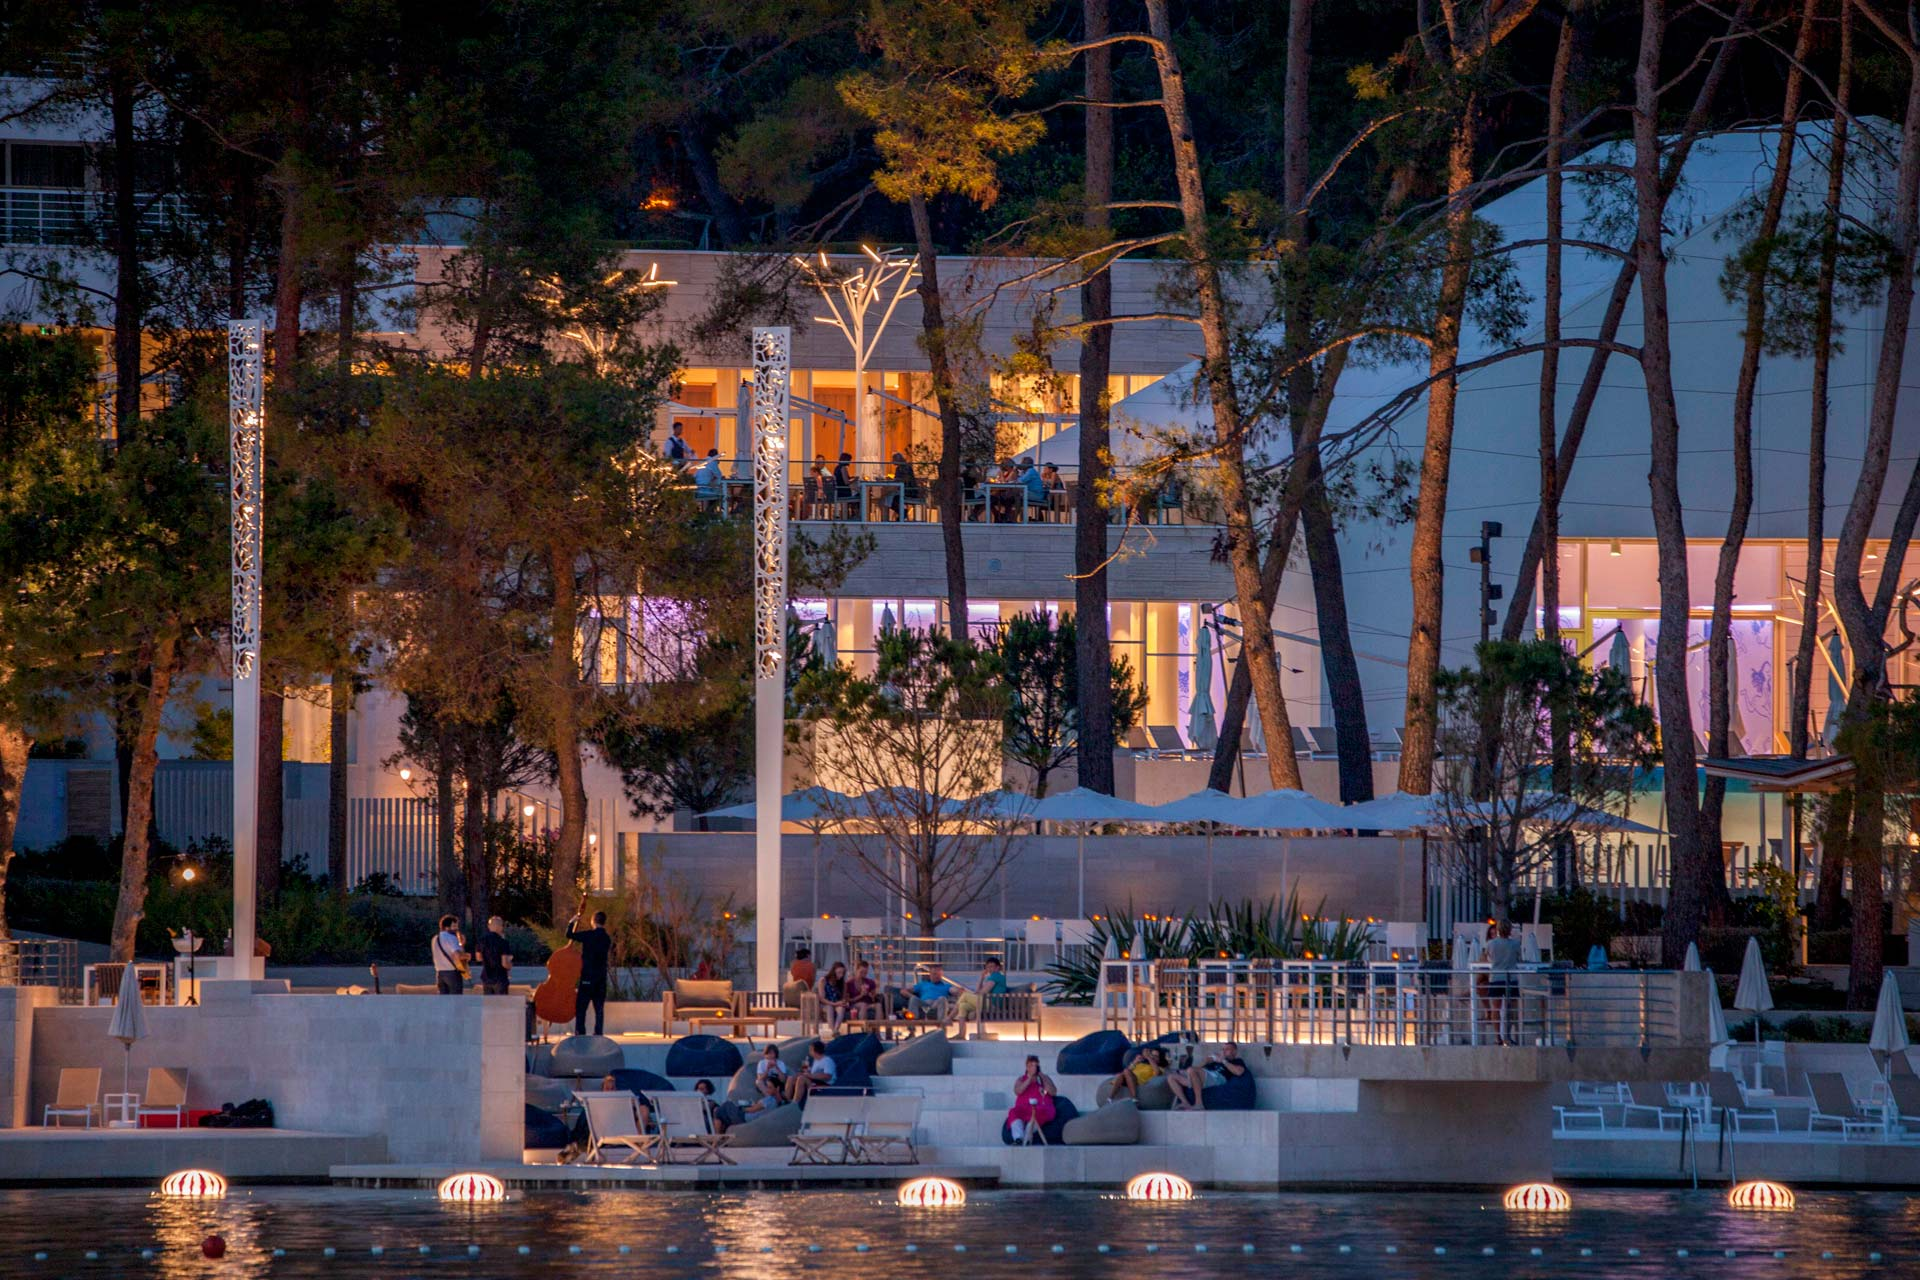 Fotografija večere na terasi hotela uz more